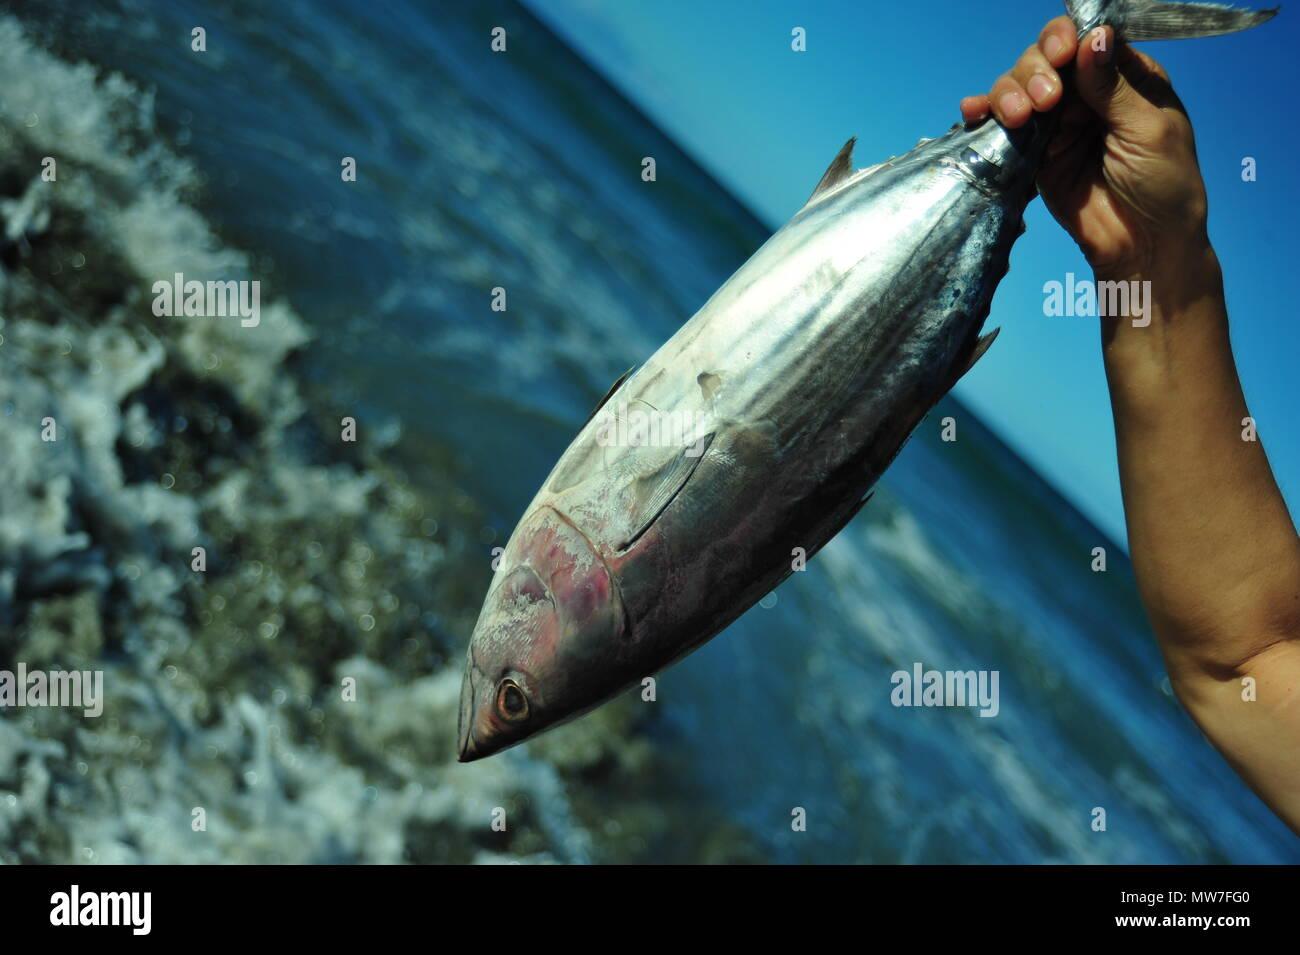 Fischfang, Pazifischer Ozean, Baler, Philippinen - Stock Image